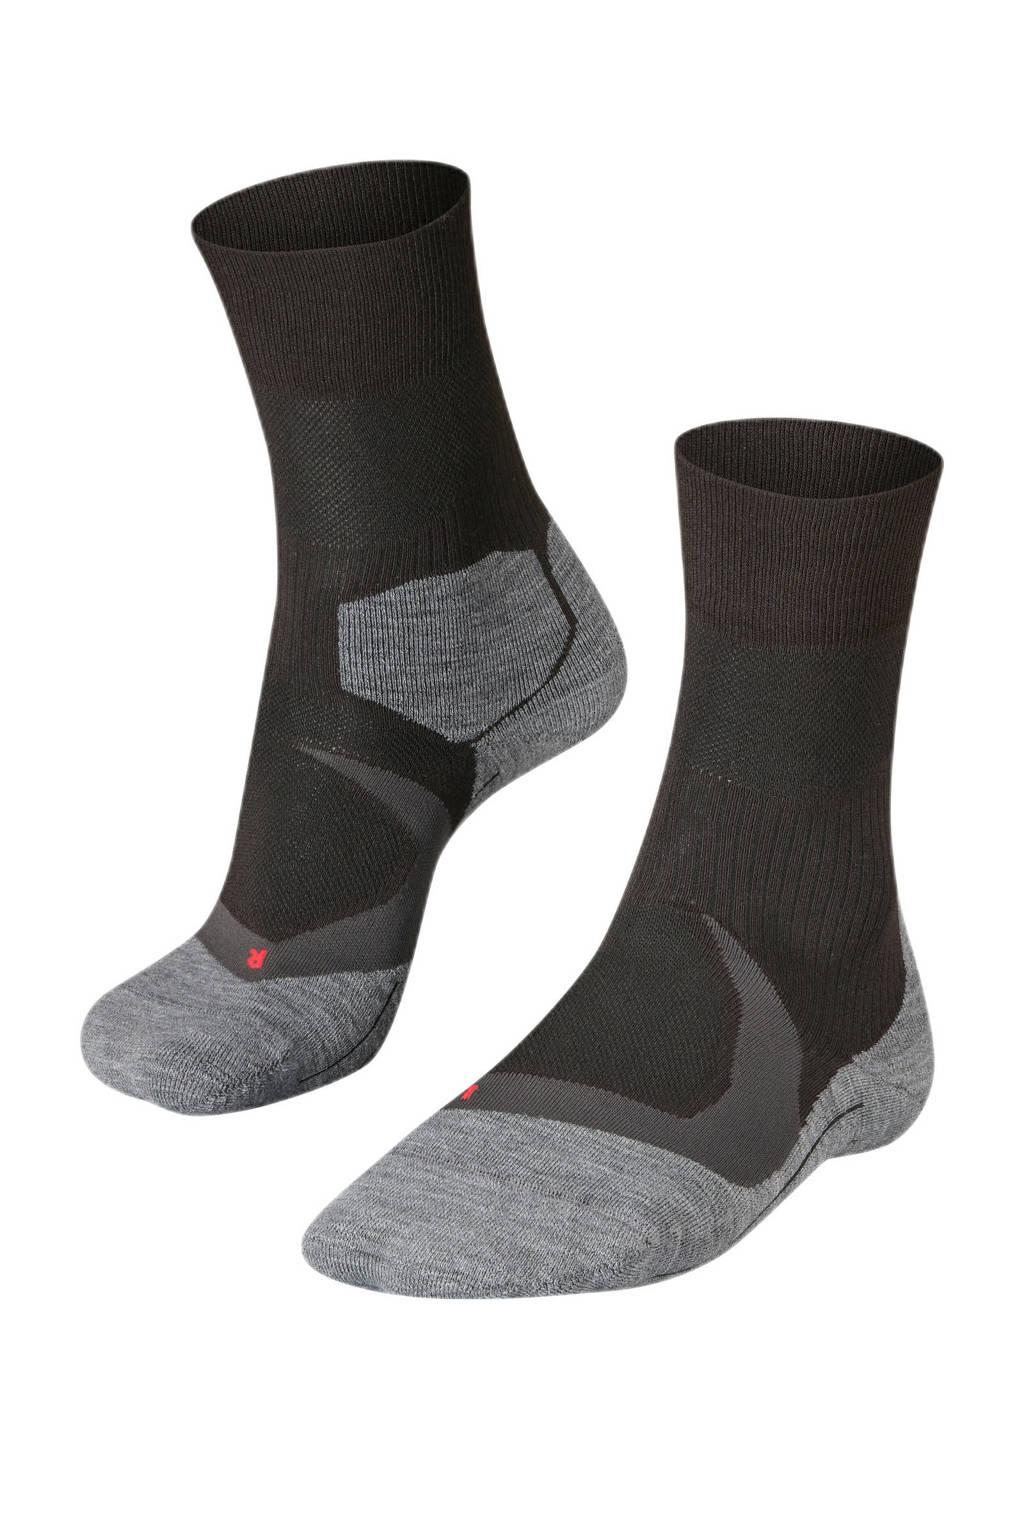 FALKE RU4 Cool runningsokken zwart, Zwart/grijs